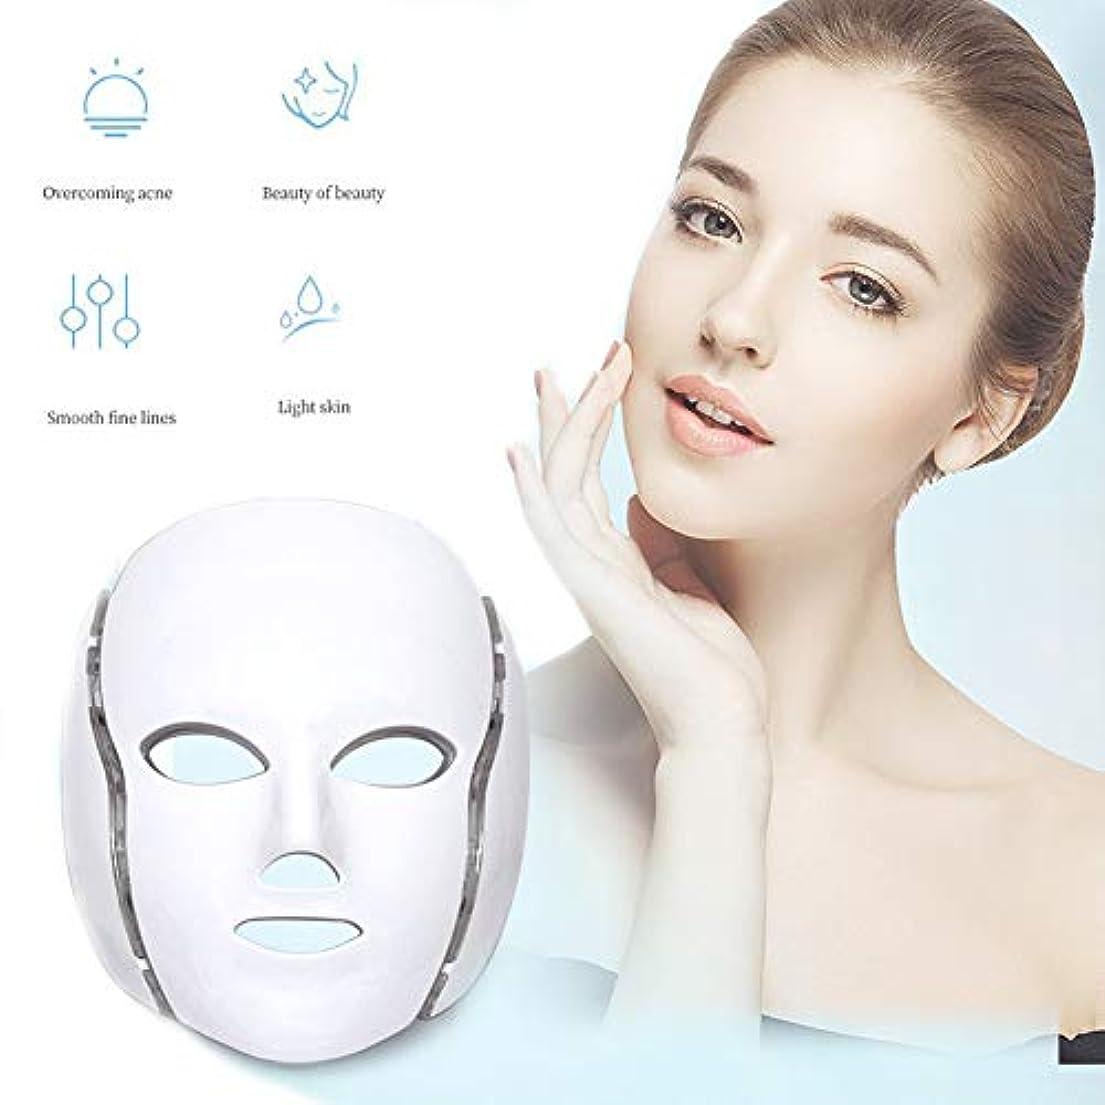 酔う説明的オーナー7色LEDライトマスク美容器具フェイシャルマスクPhotorejuvenationスペクトル美容器具ネックマスクセット